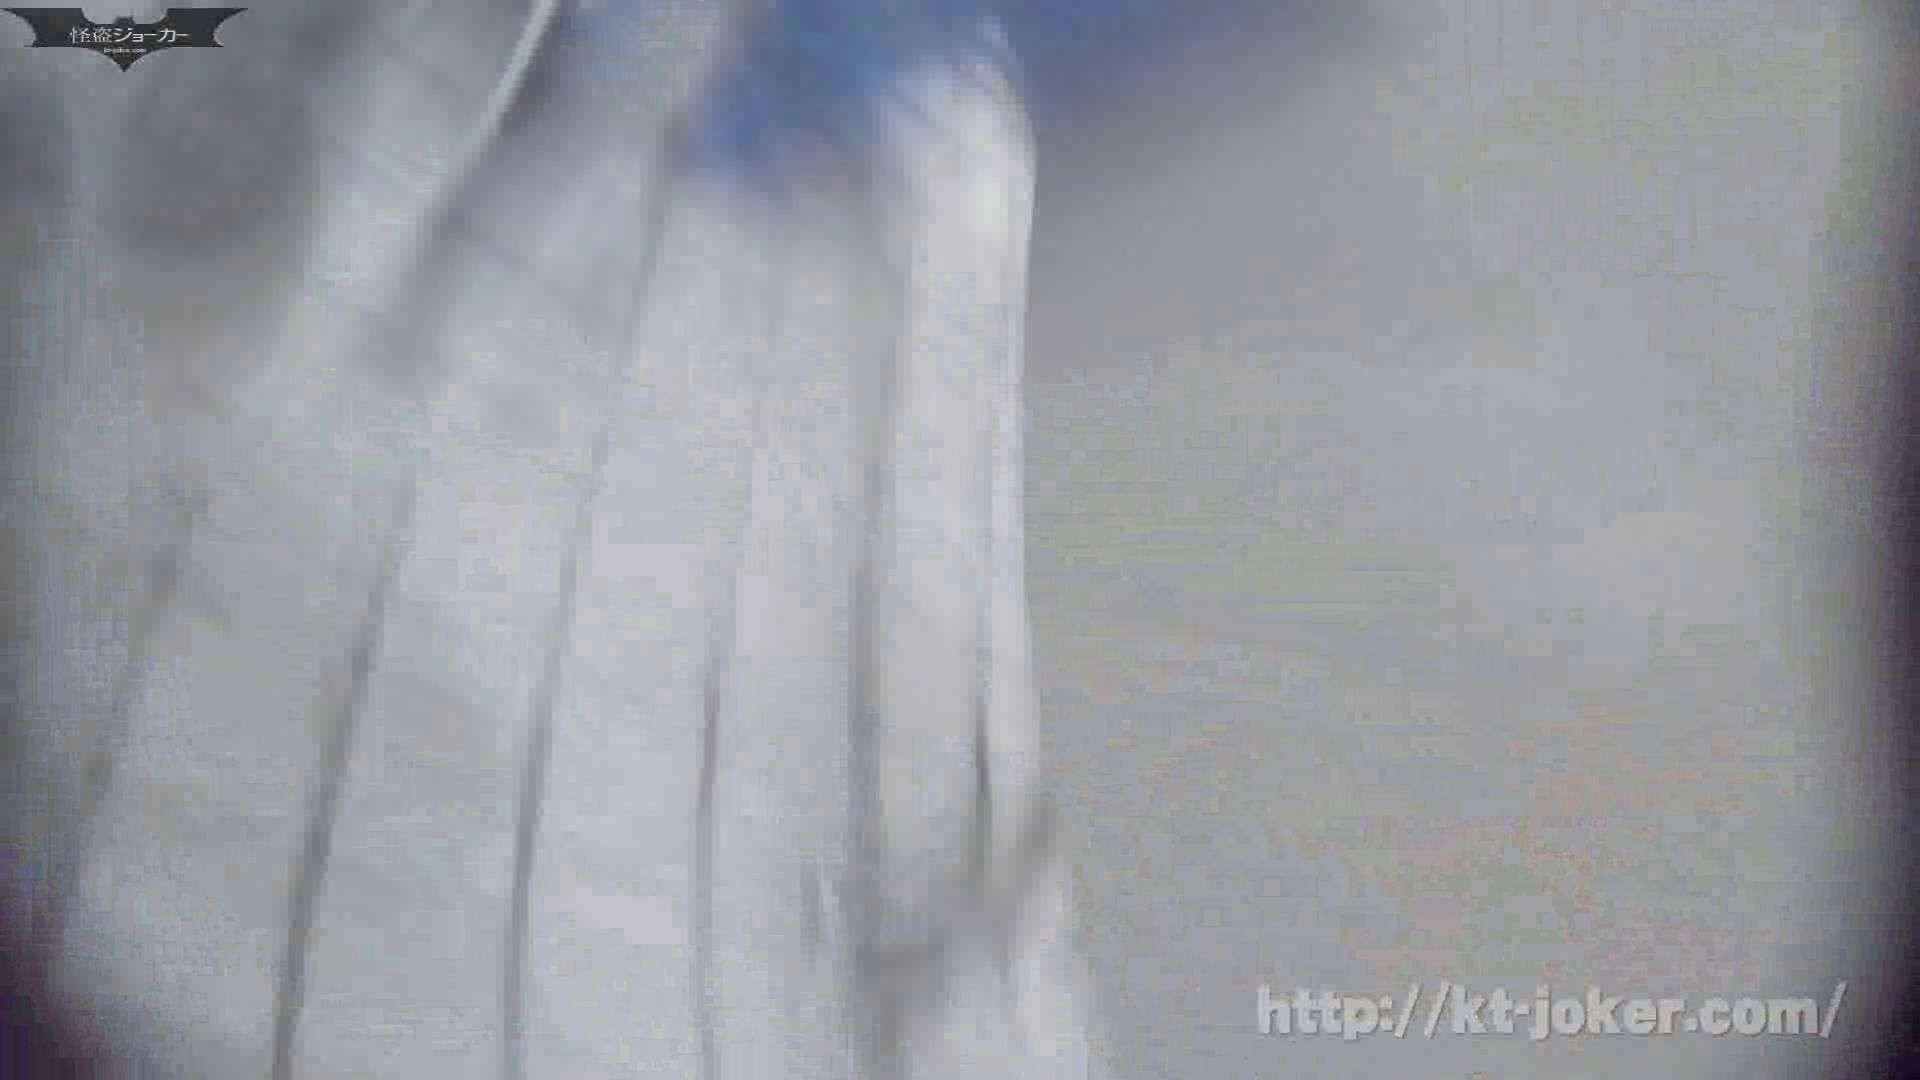 命がけ潜伏洗面所! vol.58 さらなる無謀な挑戦、新アングル、壁に穴を開ける 洗面所  110画像 57